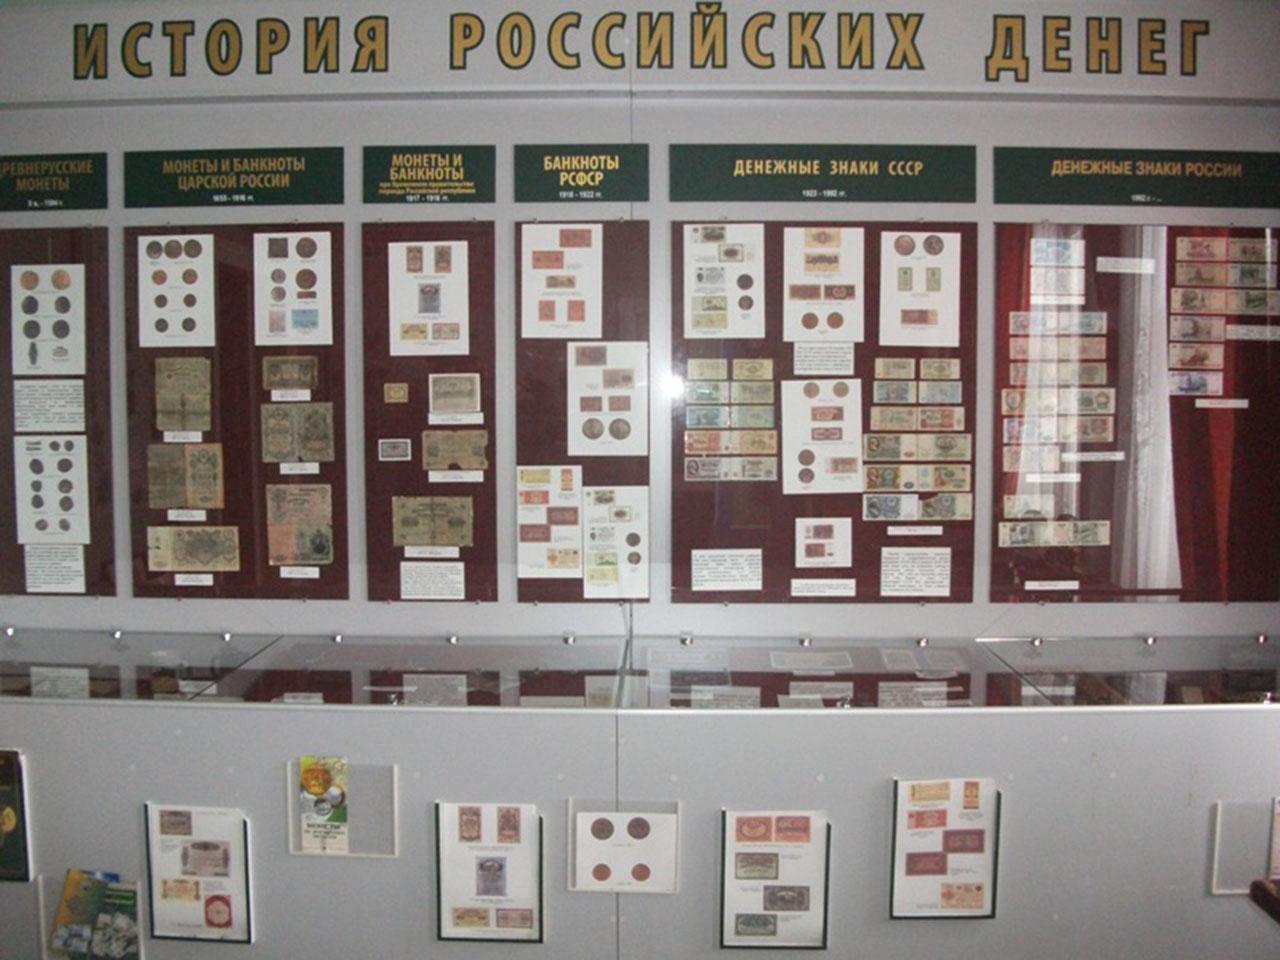 Ровенский музей краеведения имени Н. М. Пяхина